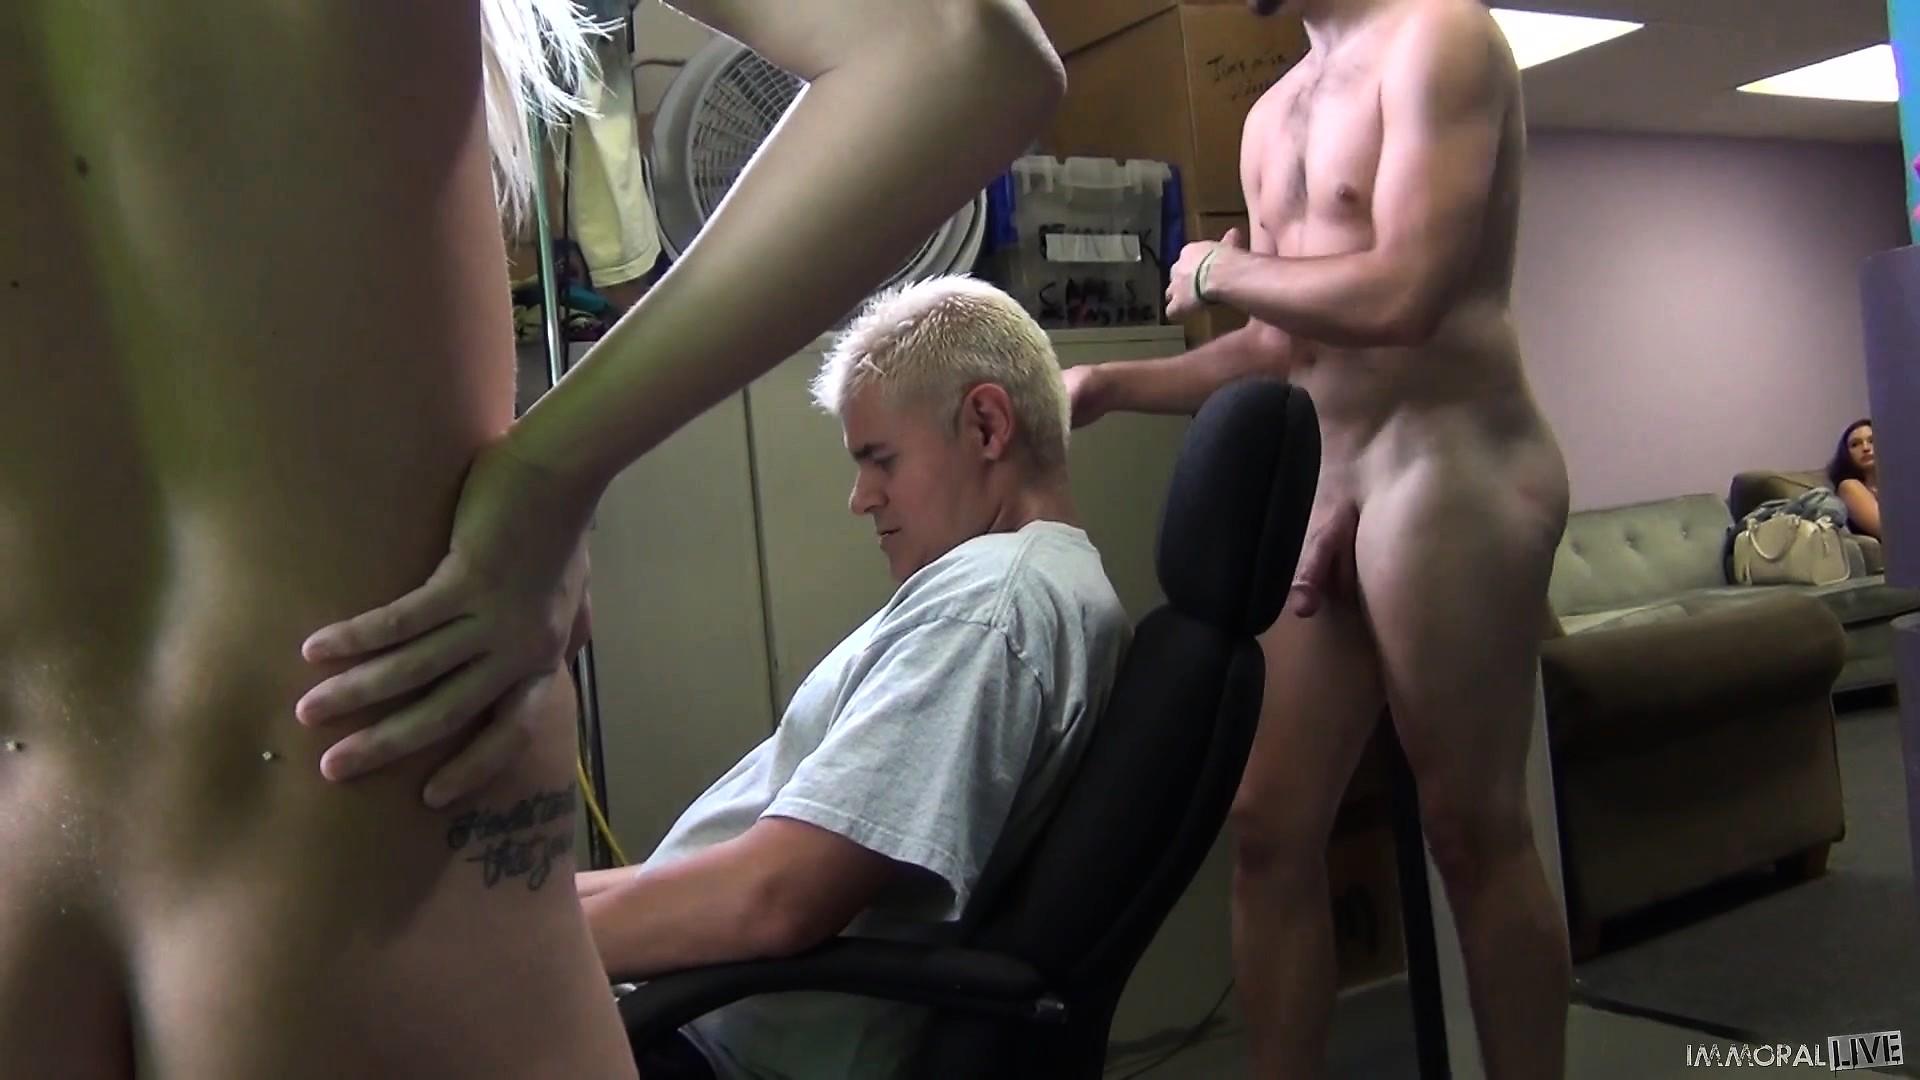 hud-film-masturbatsiya